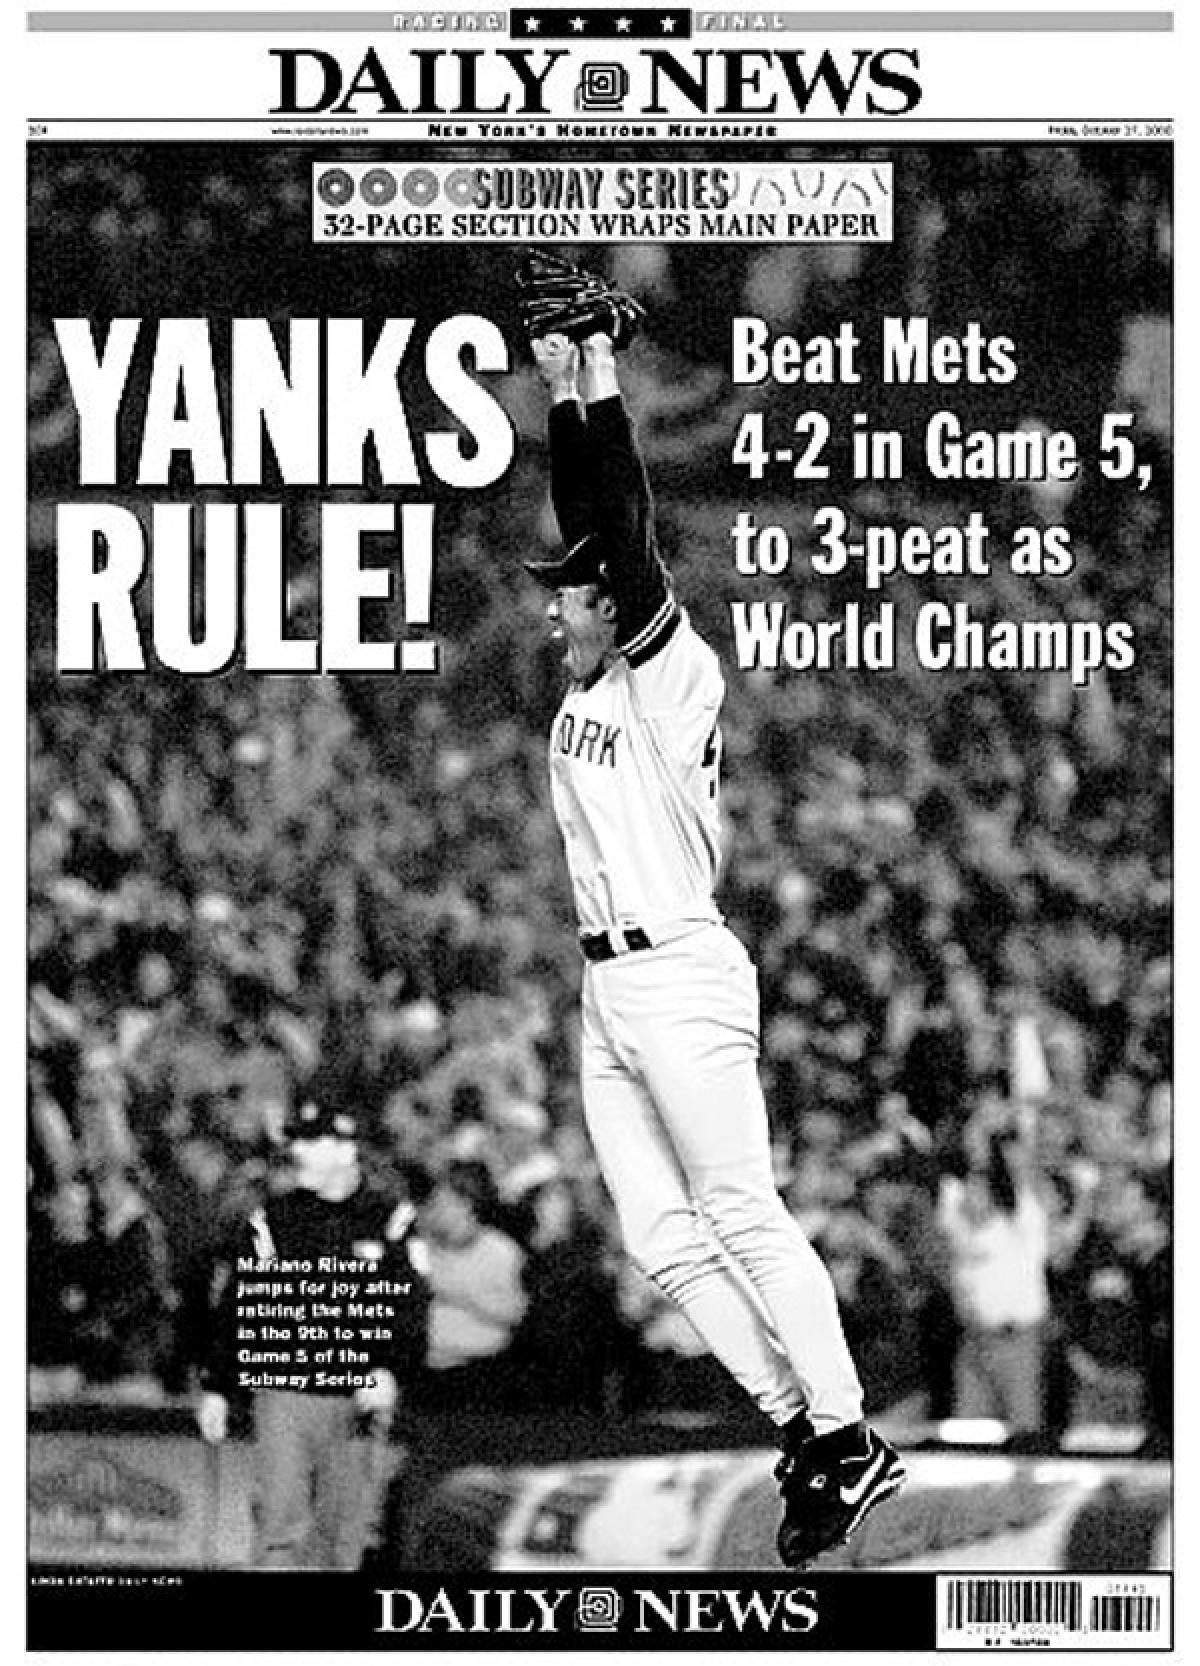 2000 World Series Game 5 Mets Vs Yankees Yankees World Series Yankees Yankees Fan